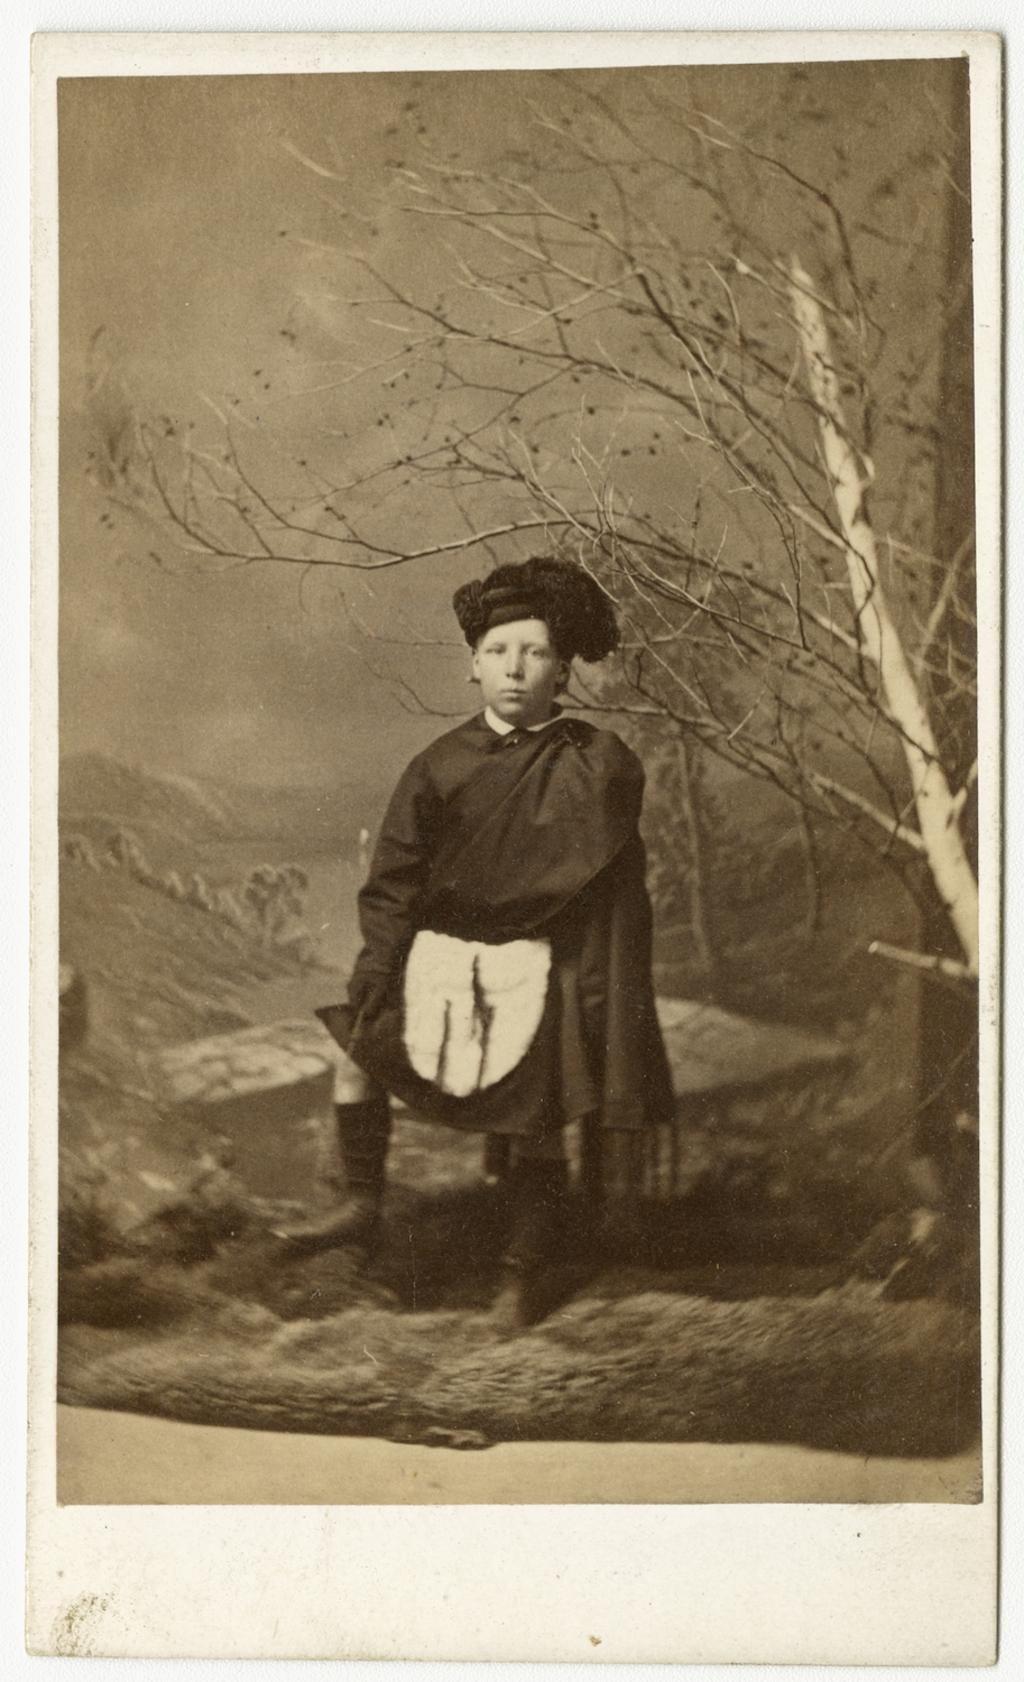 Portrait de garçon en costume écossais